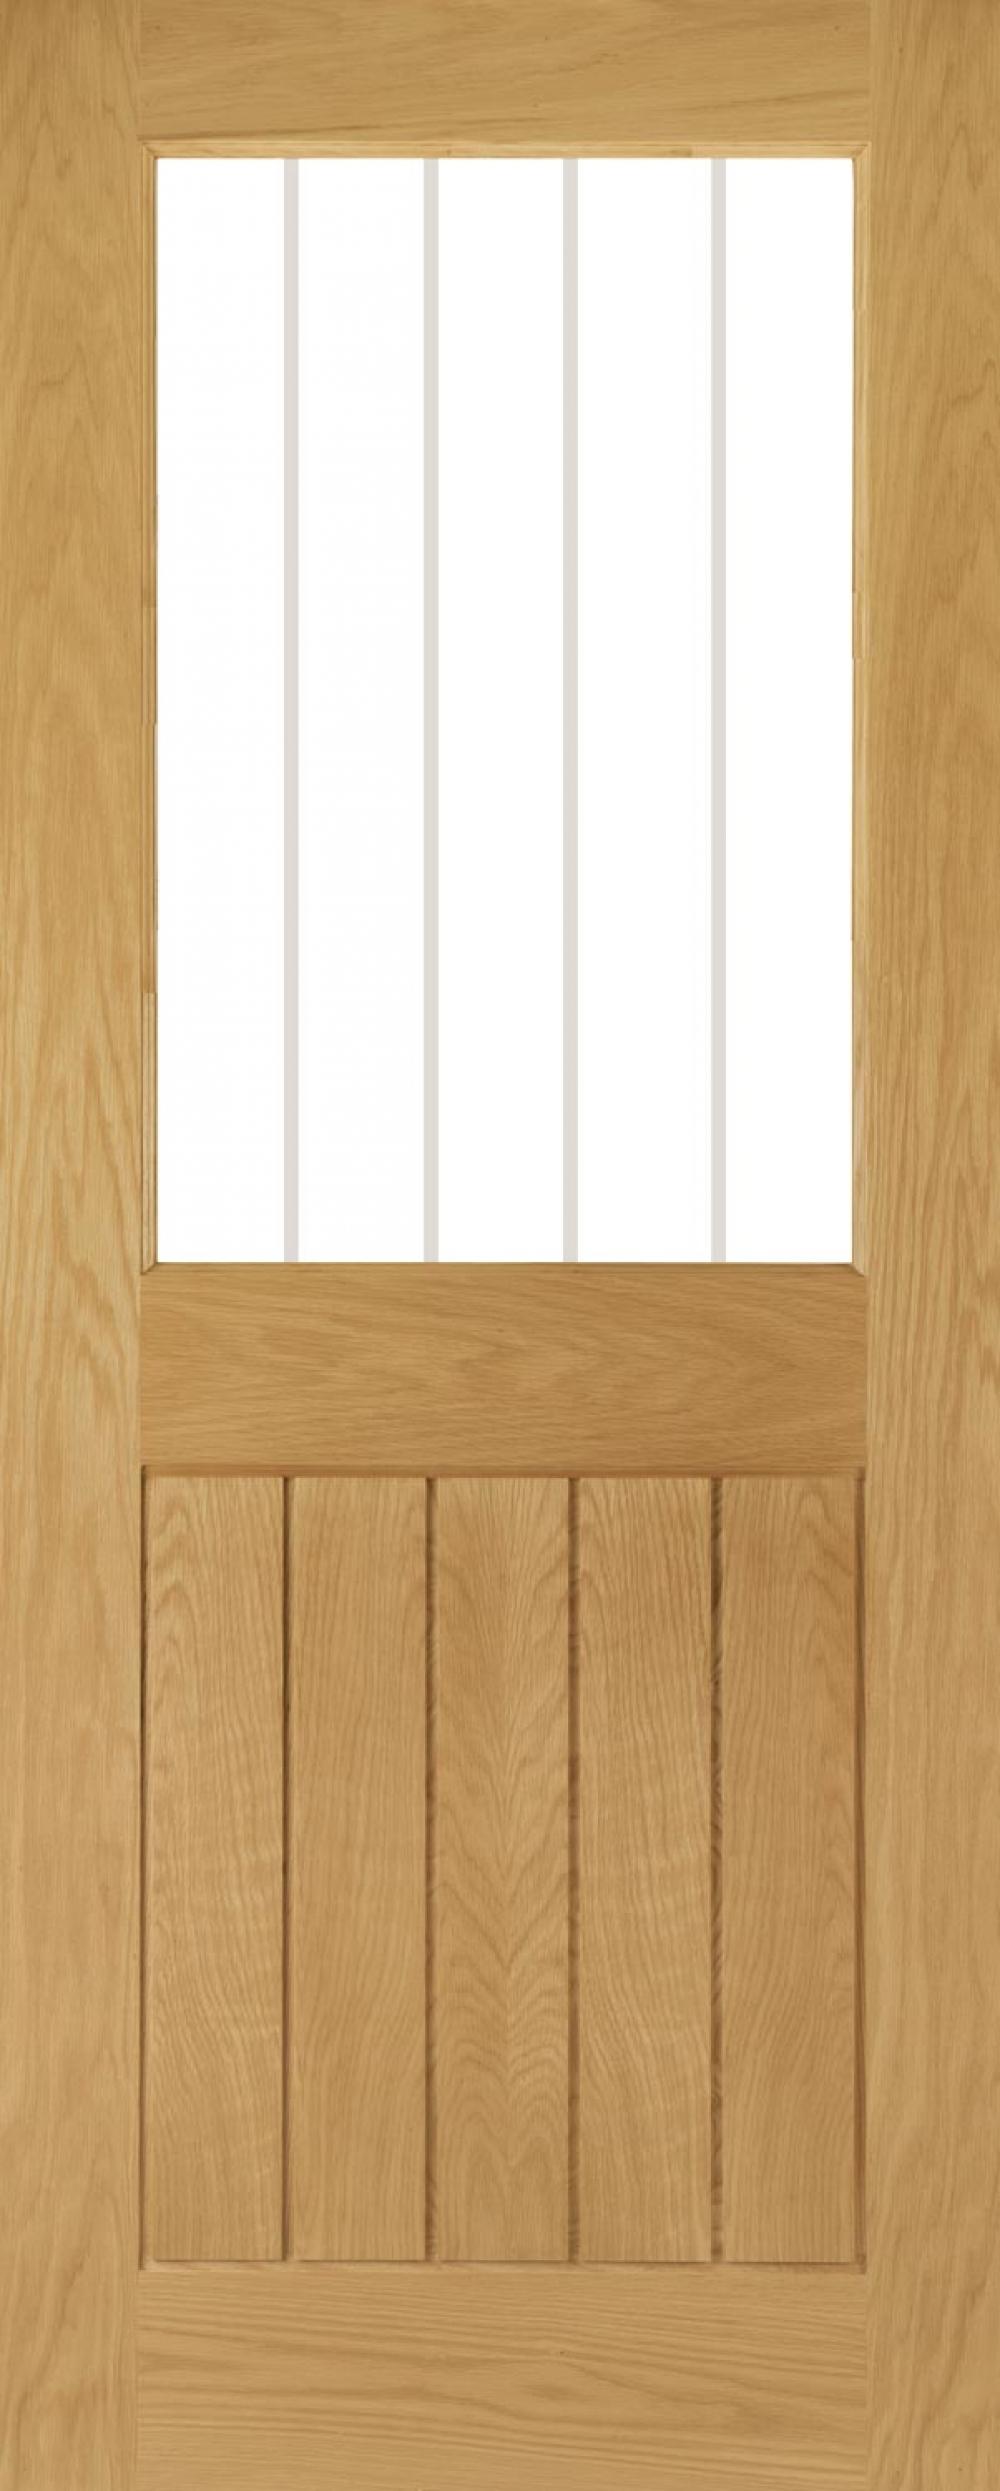 Ely Glazed 1L Door